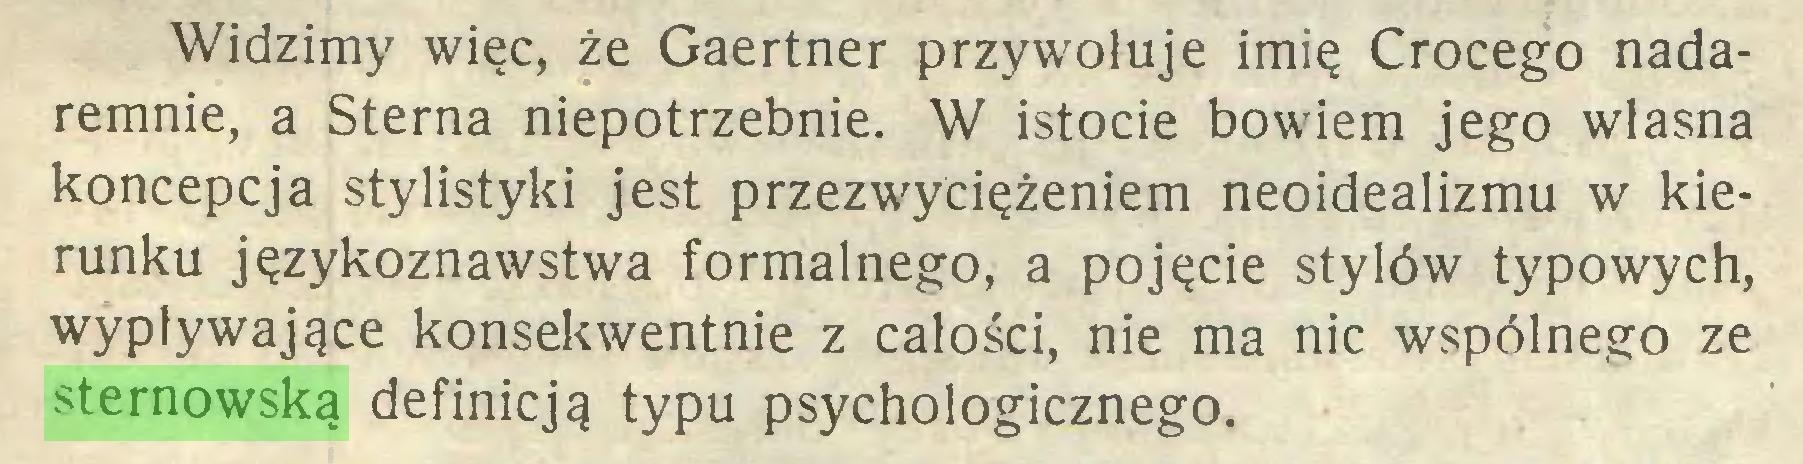 (...) Widzimy więc, że Gaertner przywołuje imię Crocego nadaremnie, a Sterna niepotrzebnie. W istocie bowiem jego własna koncepcja stylistyki jest przezwyciężeniem neoidealizmu w kierunku językoznawstwa formalnego, a pojęcie stylów typowych, wypływające konsekwentnie z całości, nie ma nic wspólnego ze sternowską definicją typu psychologicznego...